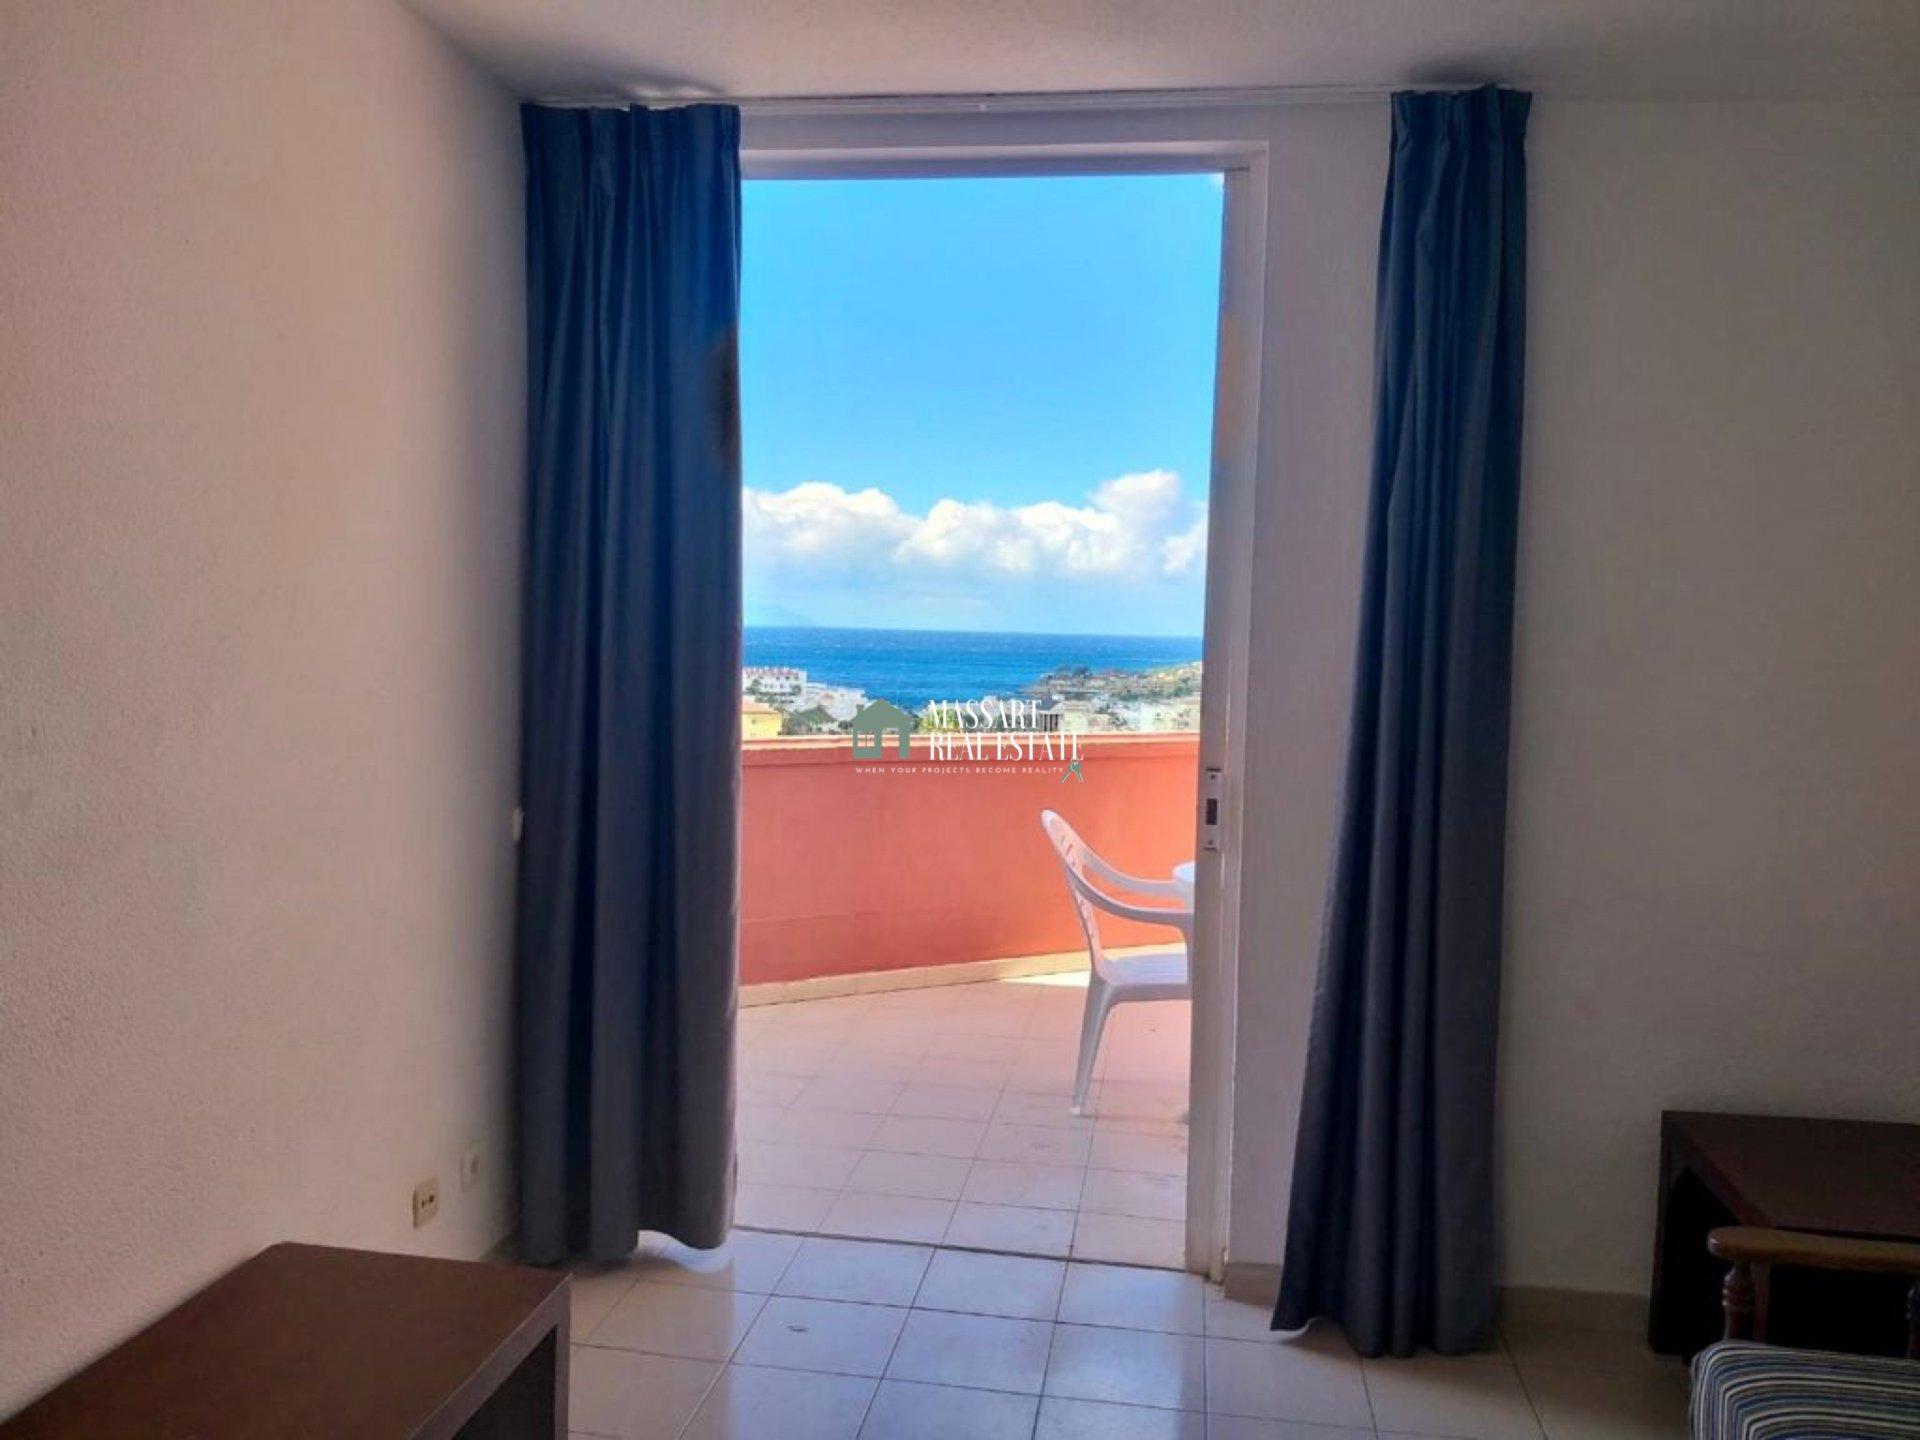 Apartamento de 50 m2 en Las Américas caracterizado por ofrecer maravillosas vistas al mar y a la isla de La Gomera.